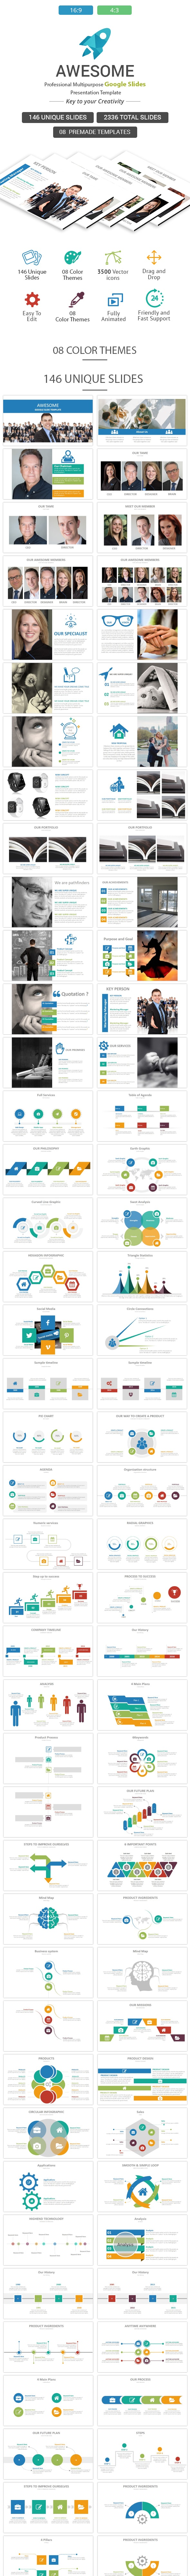 Google Slides Presentation Template - Google Slides Presentation Templates